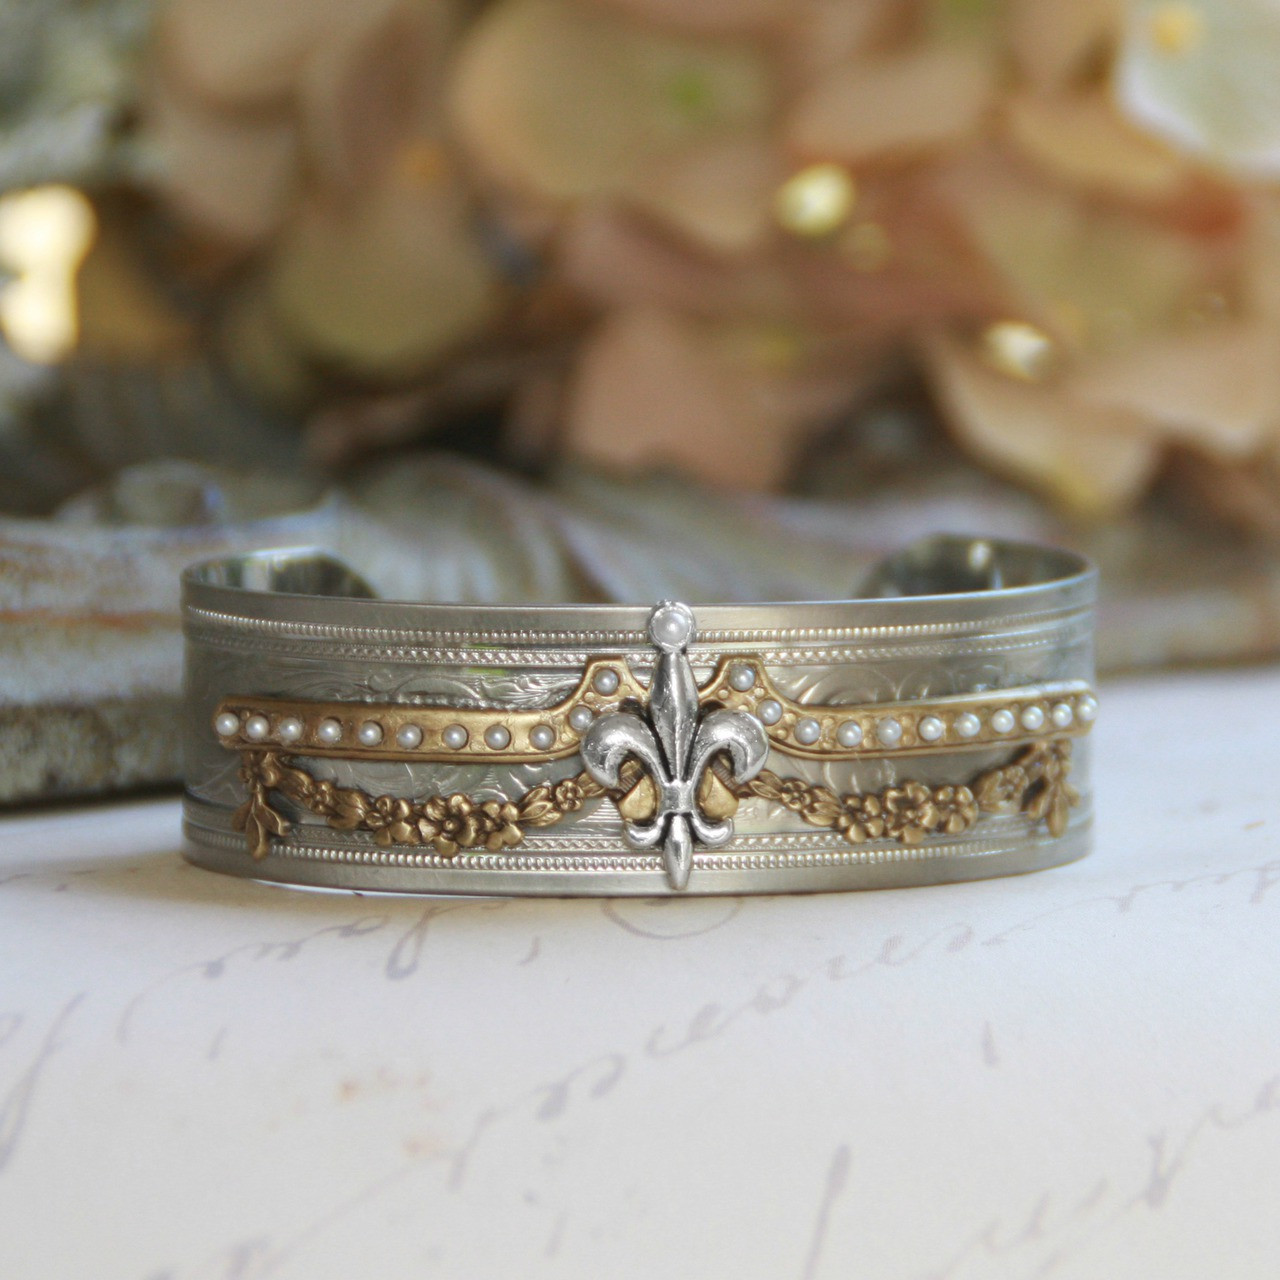 ART-149  Vintage Style Cuff Bracelet with Fleur de Lis